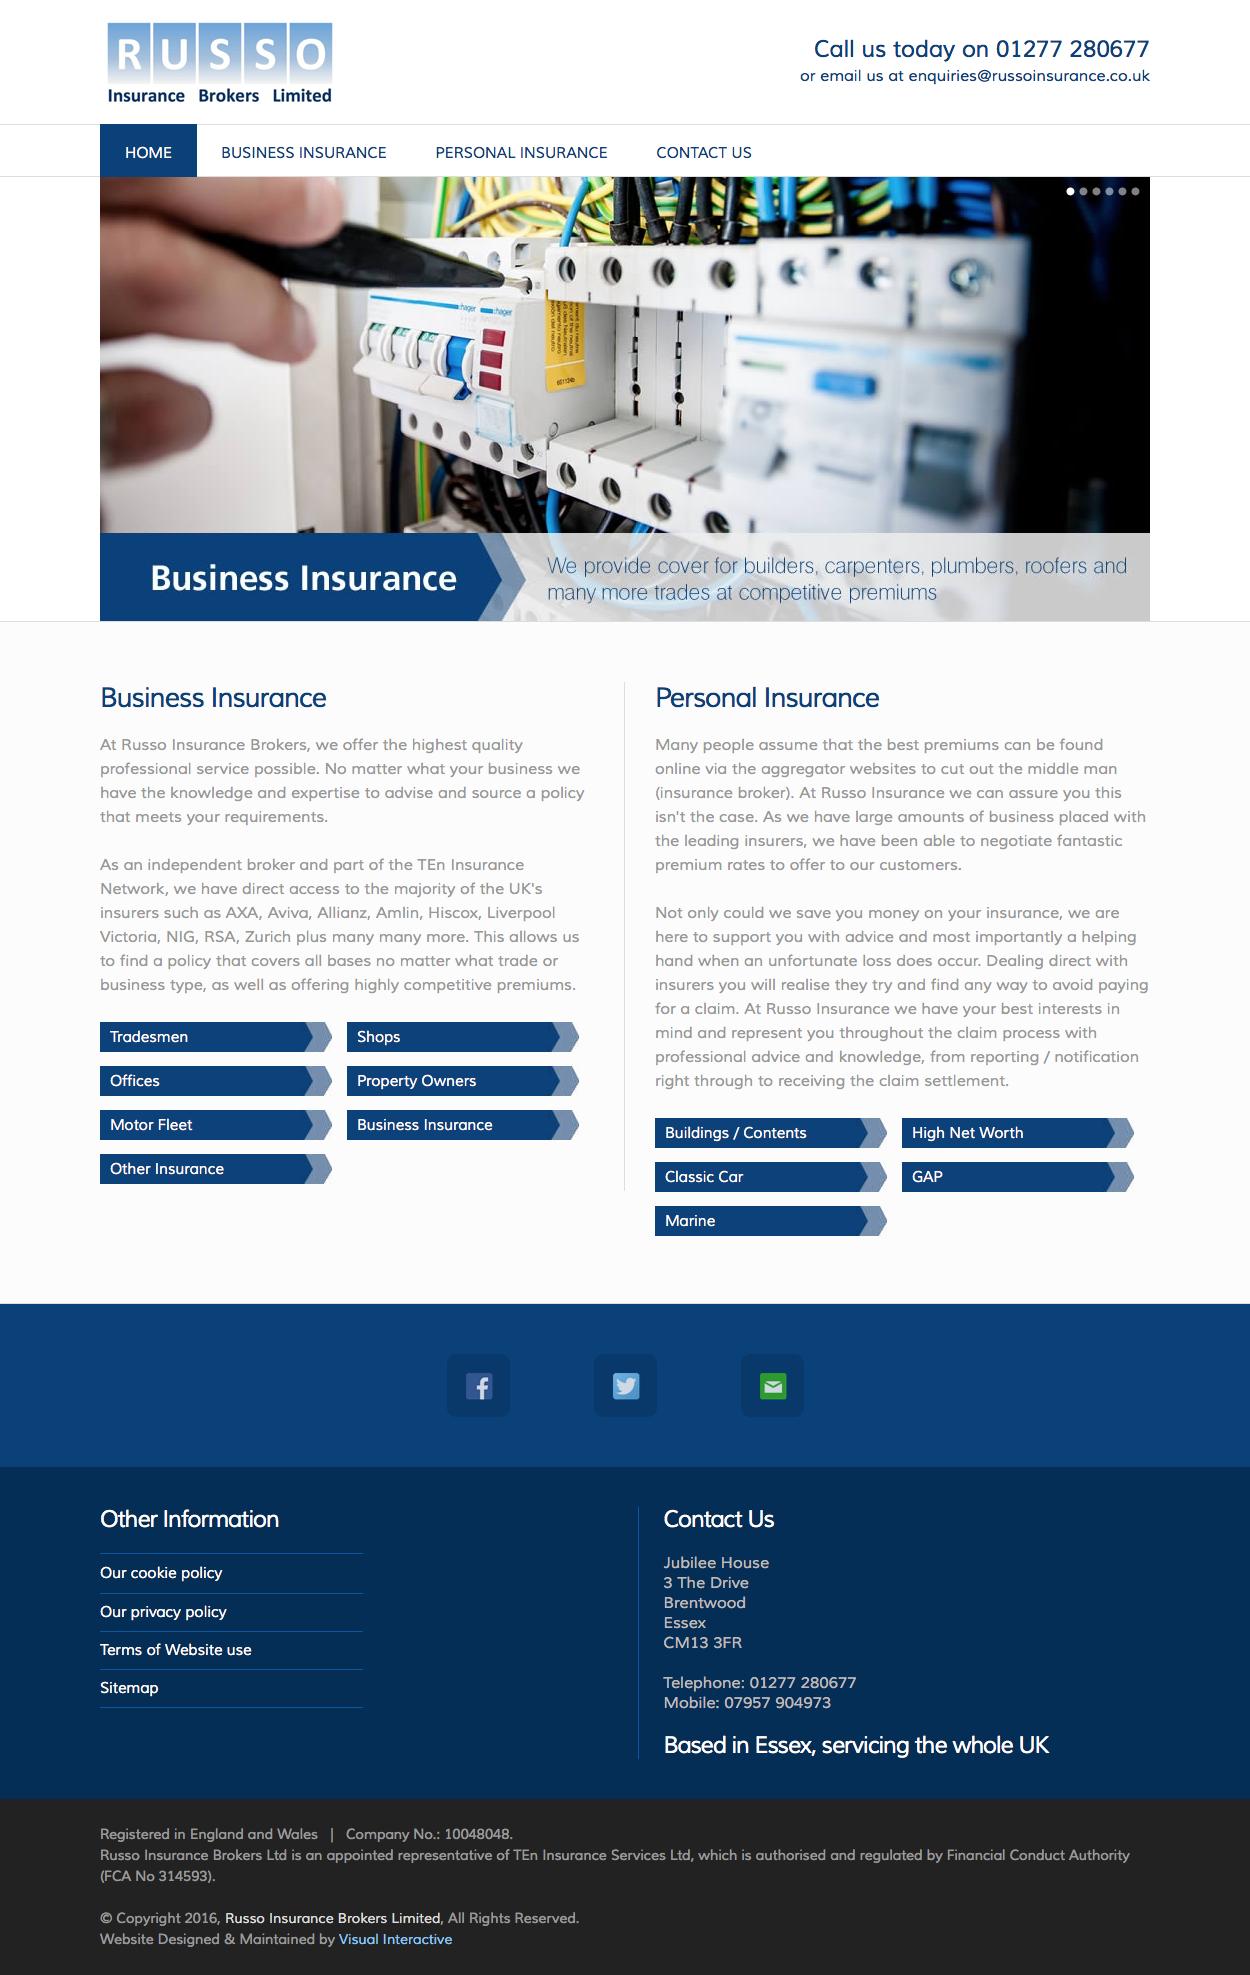 Fully responsive website design developed in 2016 for